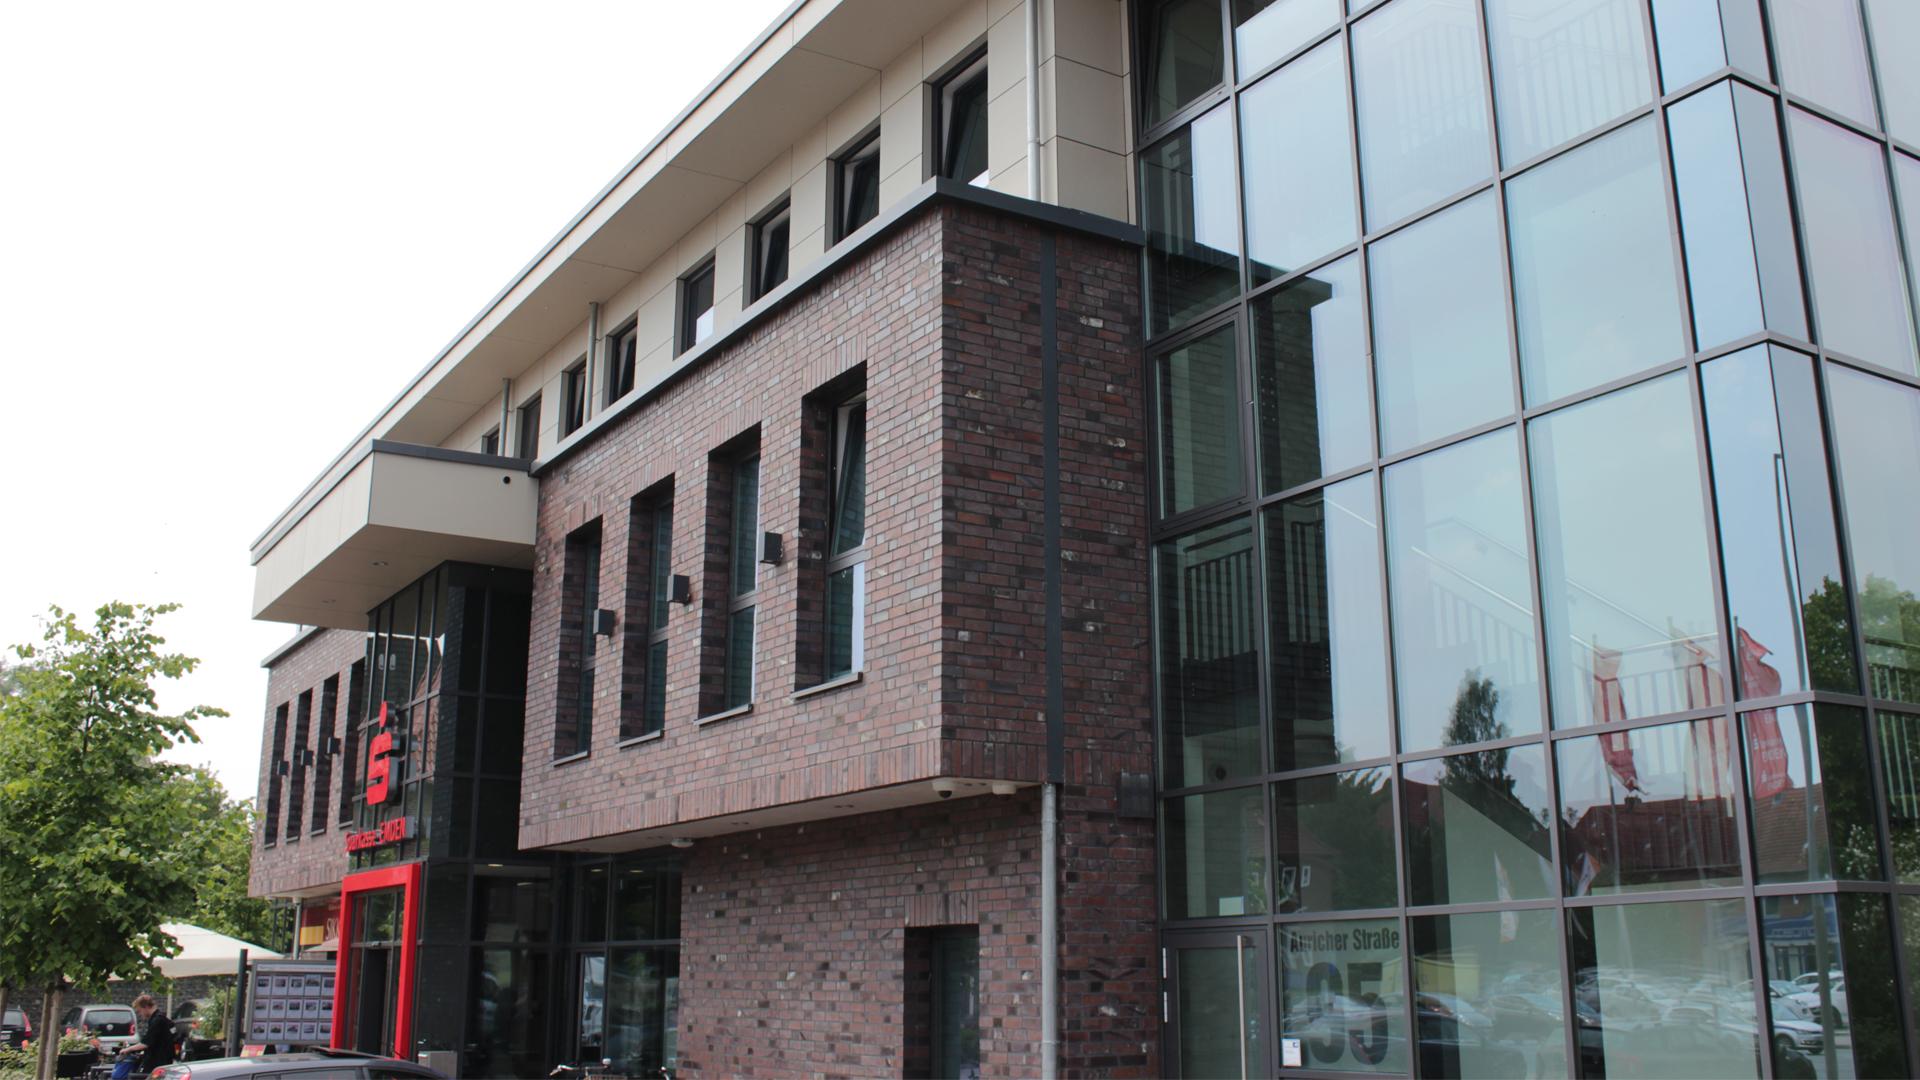 Neubau - Wohn & Geschäftshaus - Emden - 2014/2015